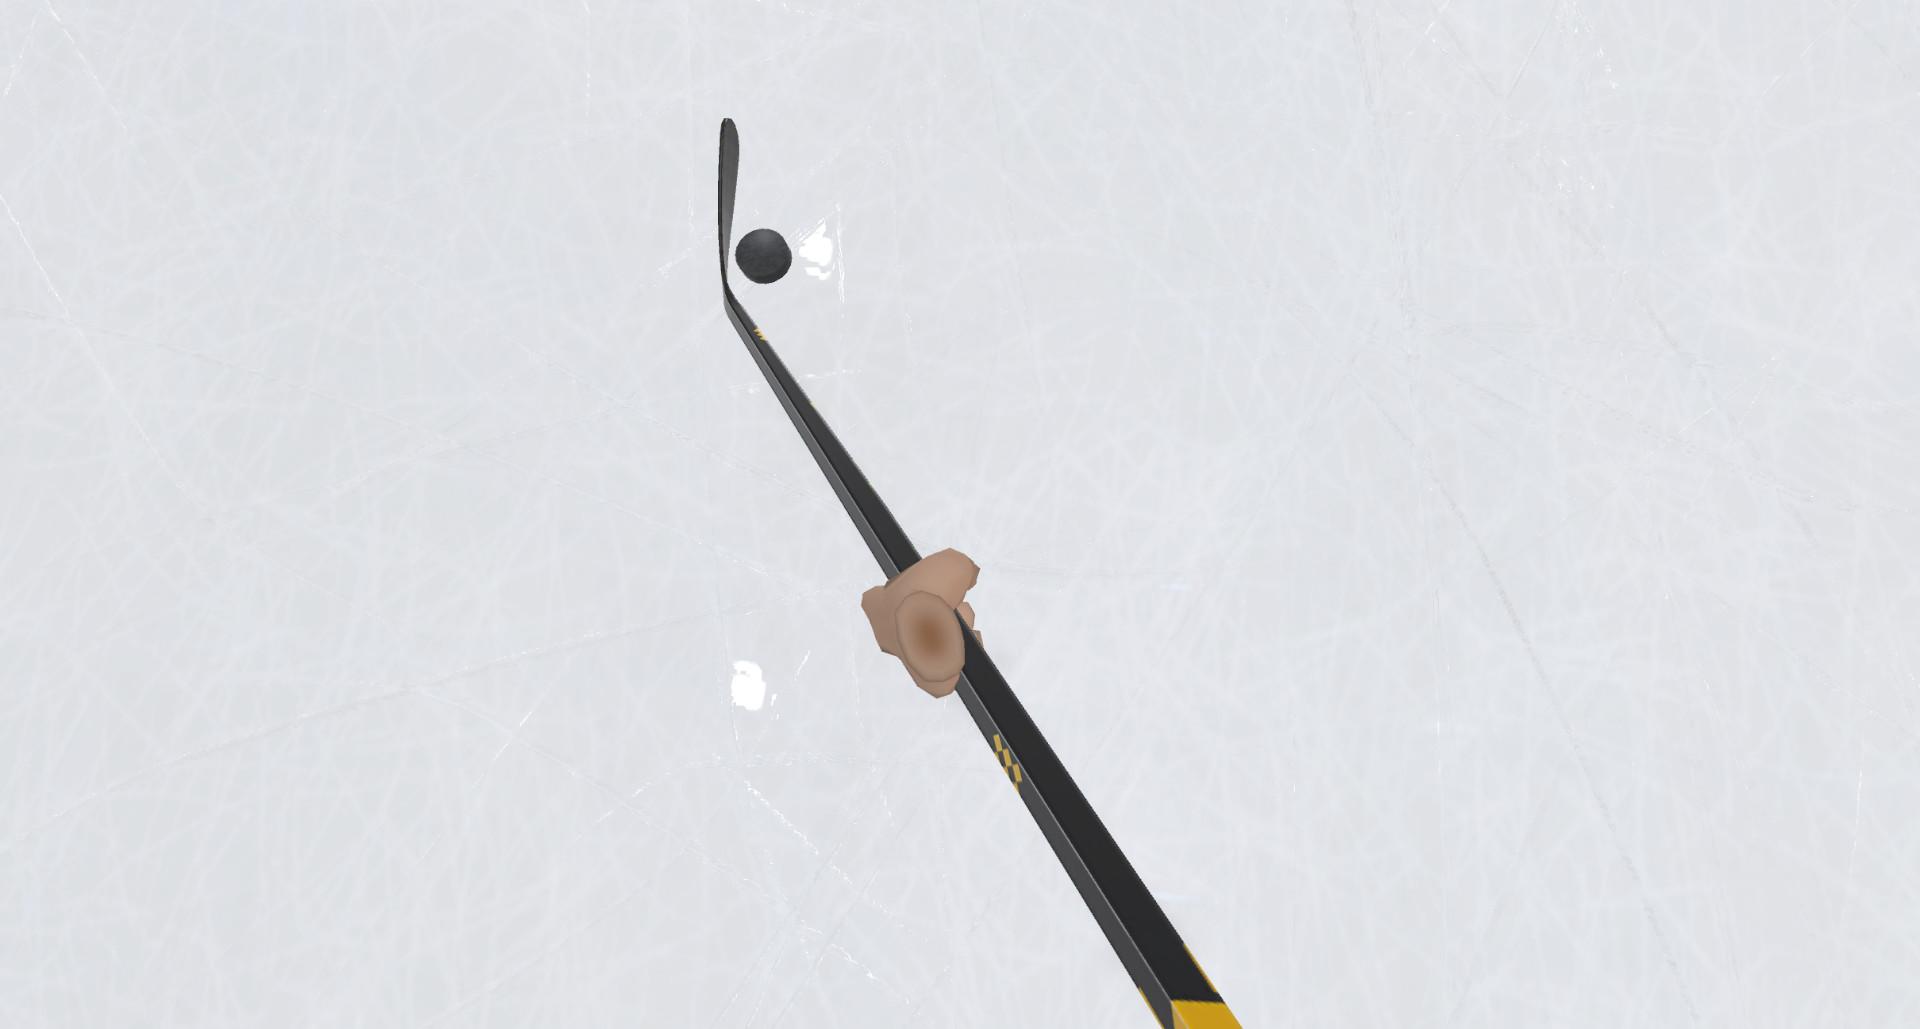 Oculus Quest 游戏《Pick-up League Hockey》冰球运动插图(2)